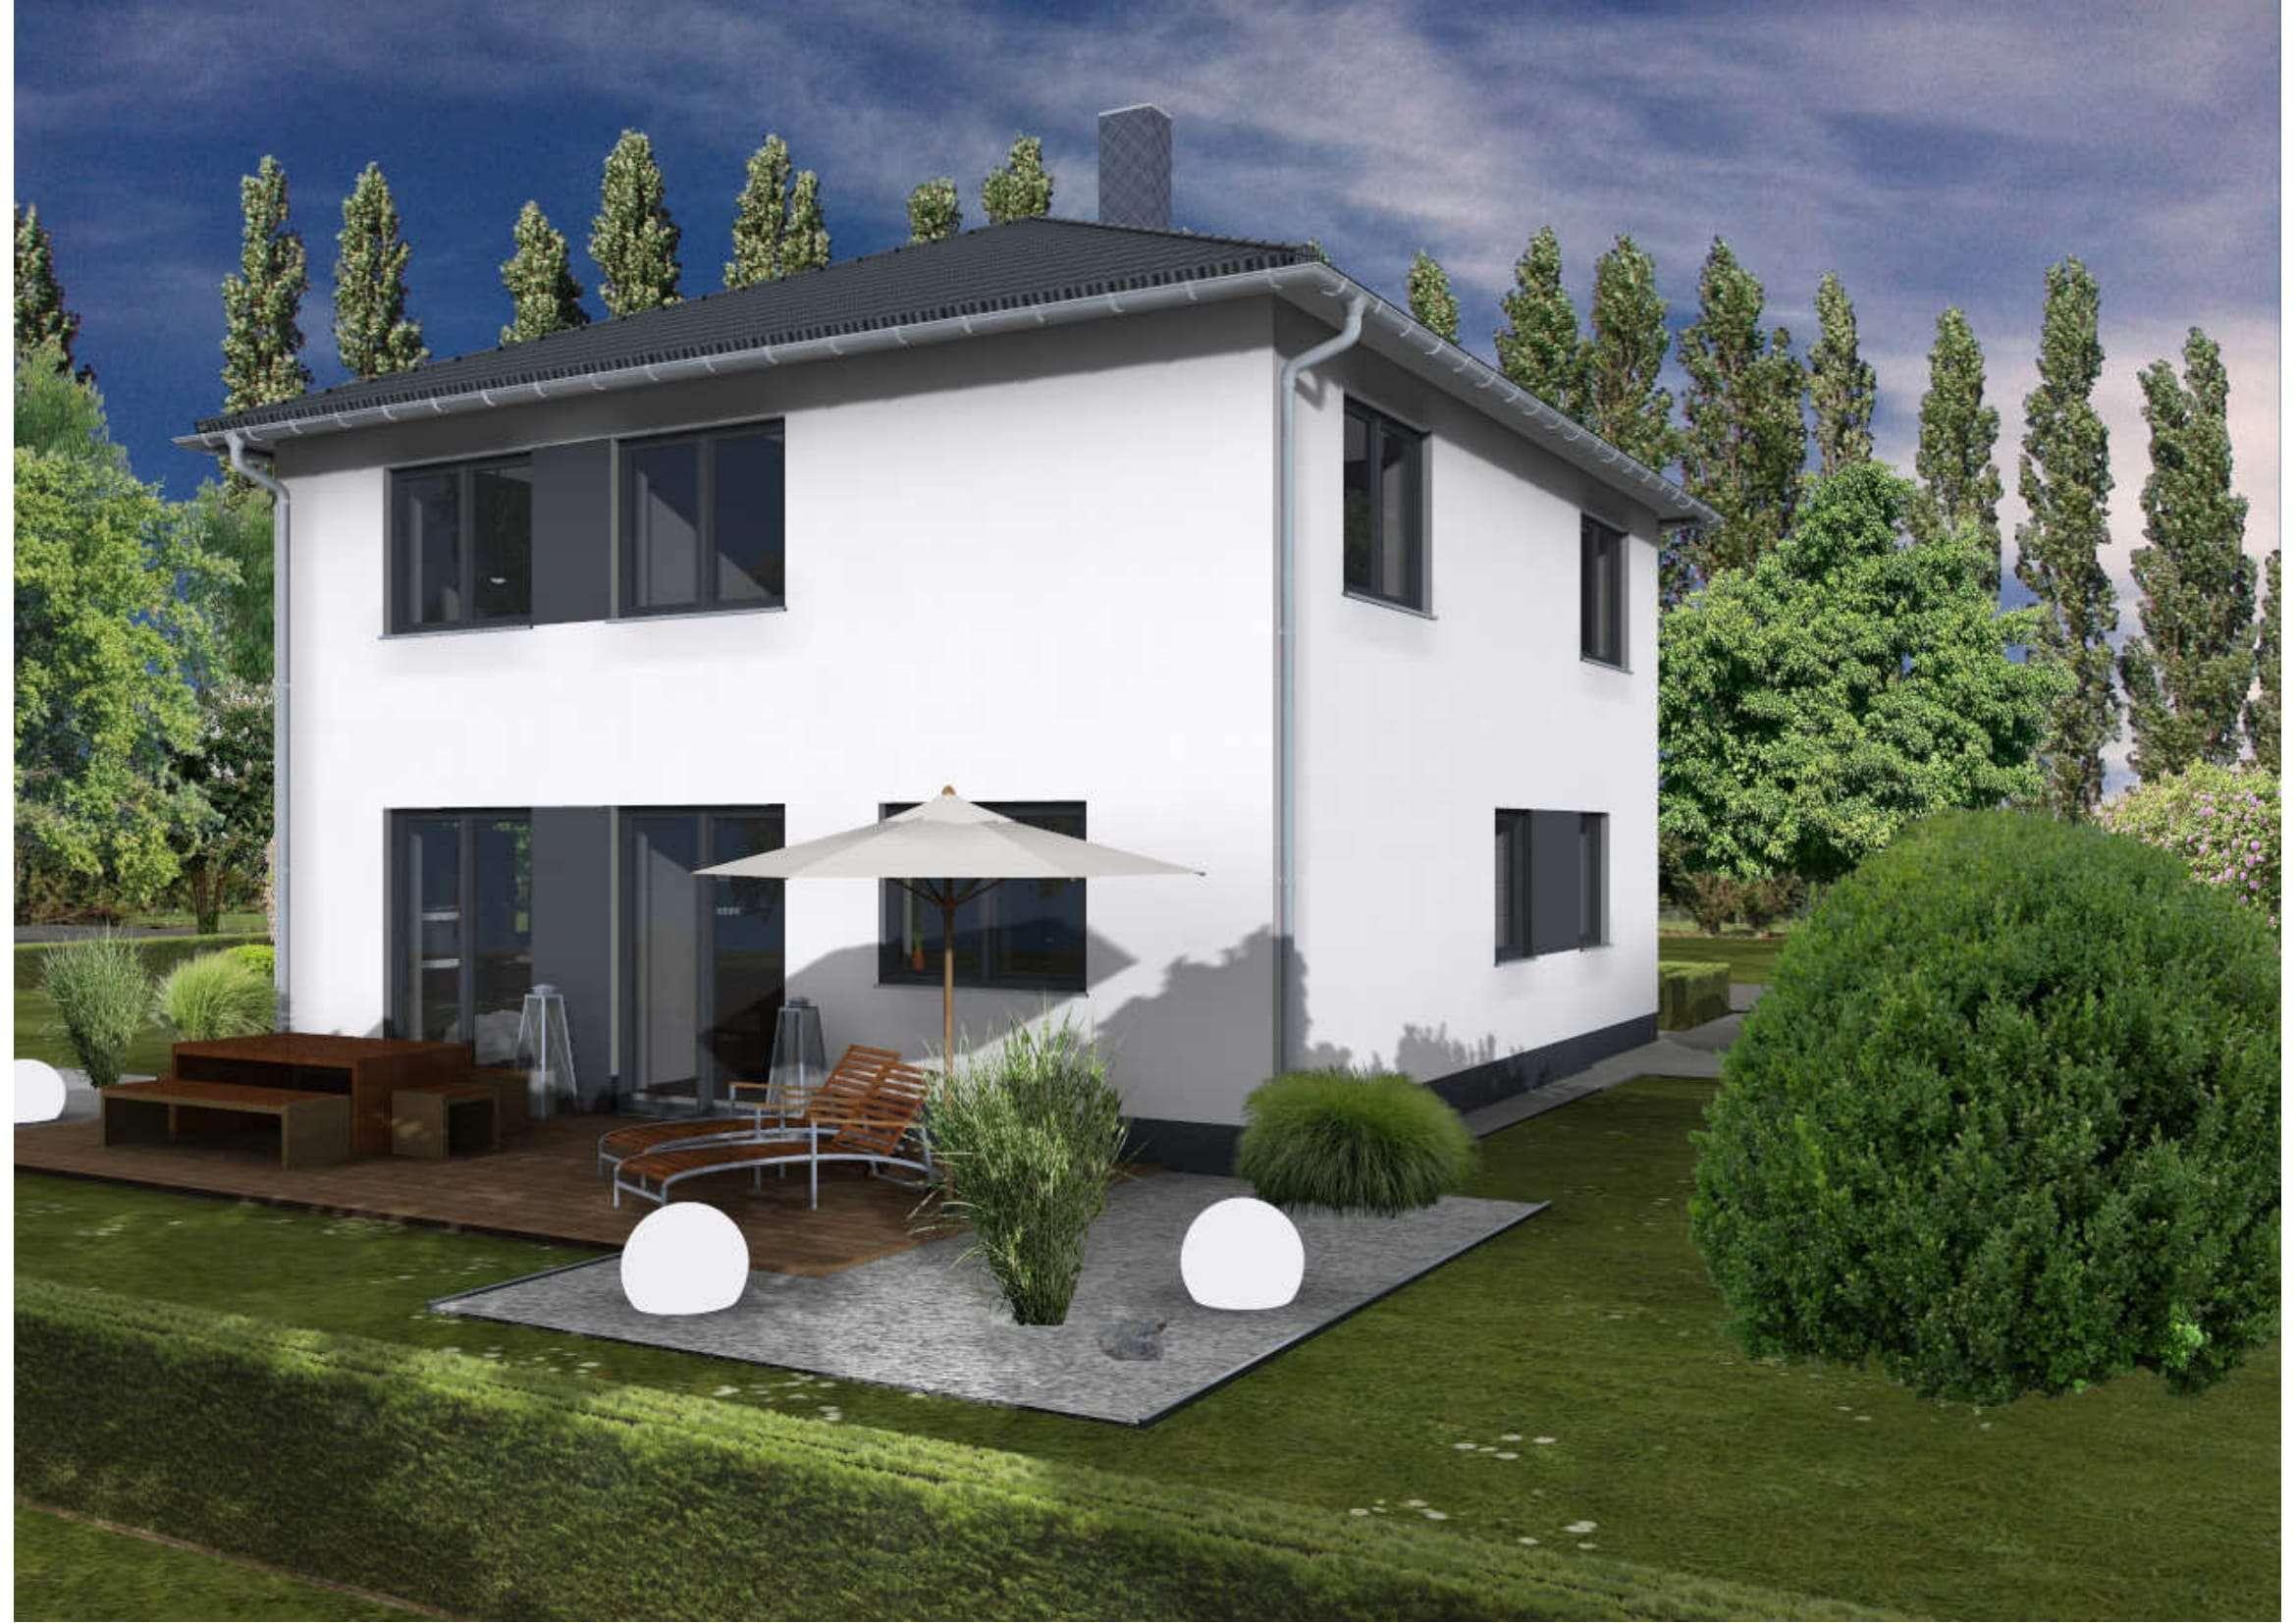 Ein großzügiges Eigenheim in ländlichem Umfeld mit sehr guter Verkehrsanbindung - Haus zum Kauf in Thiendorf